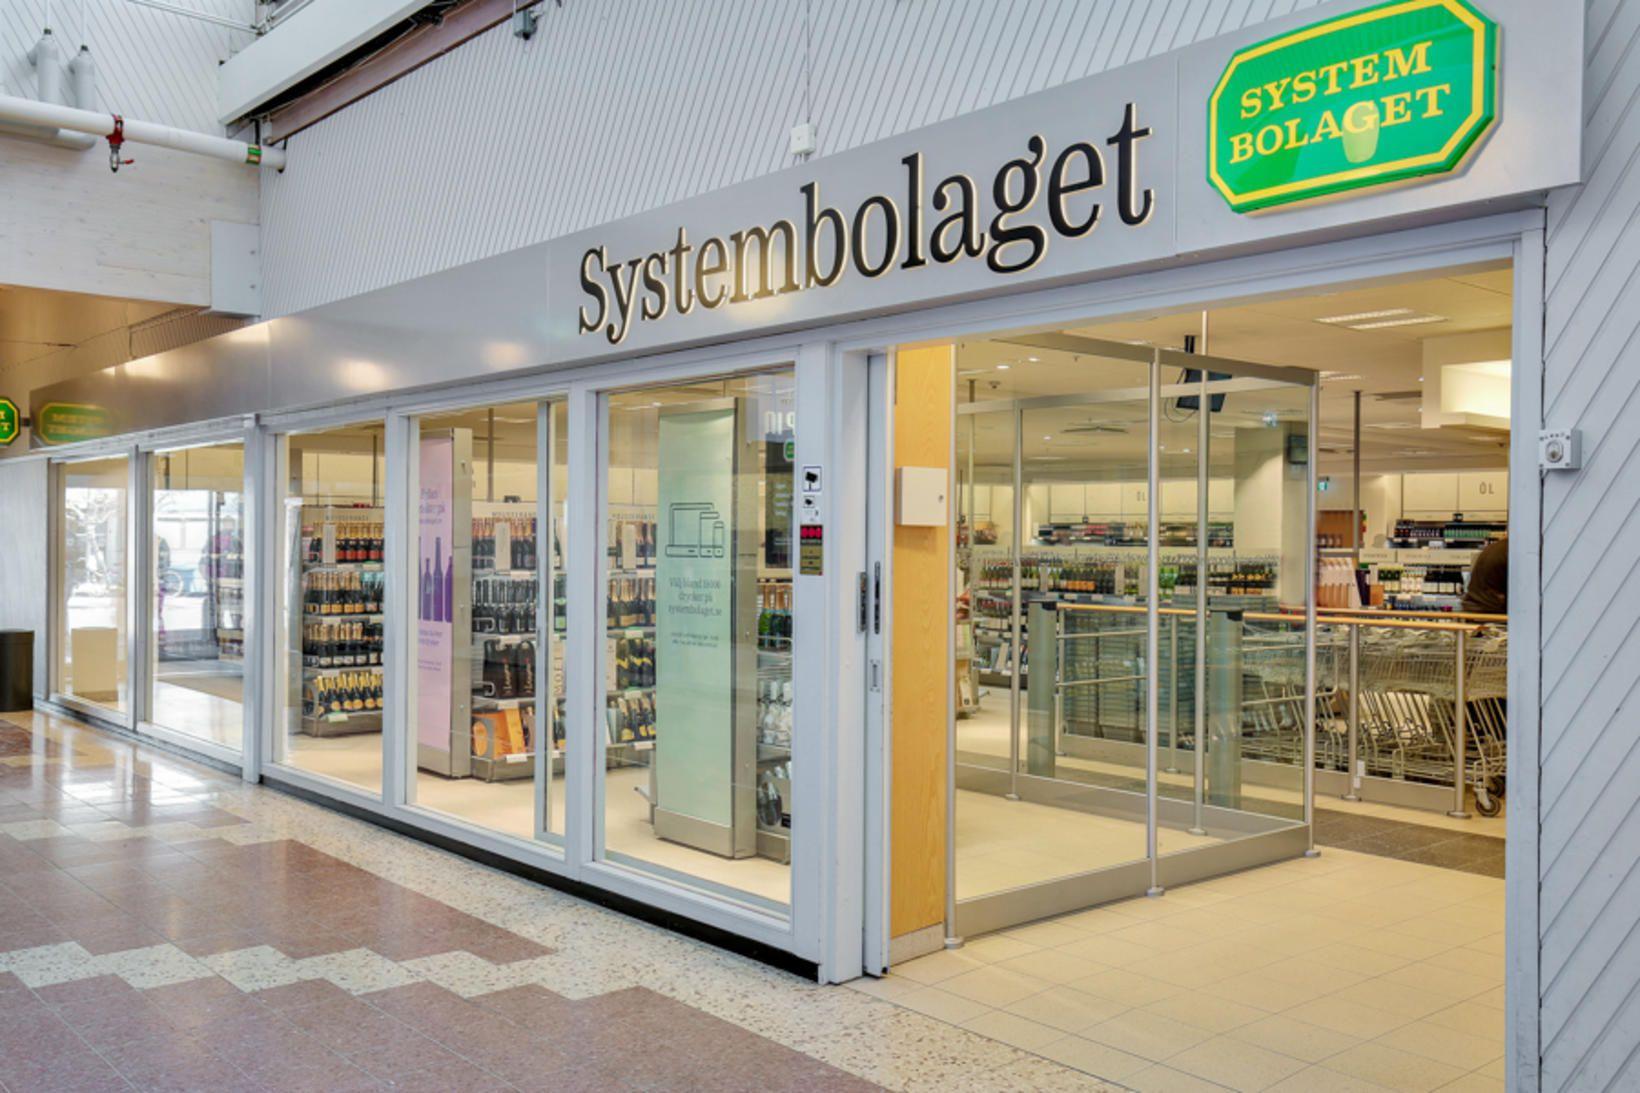 Sænska áfengisverslunin, Systembolaget, er lokuð á sunnudögum rétt eins og …